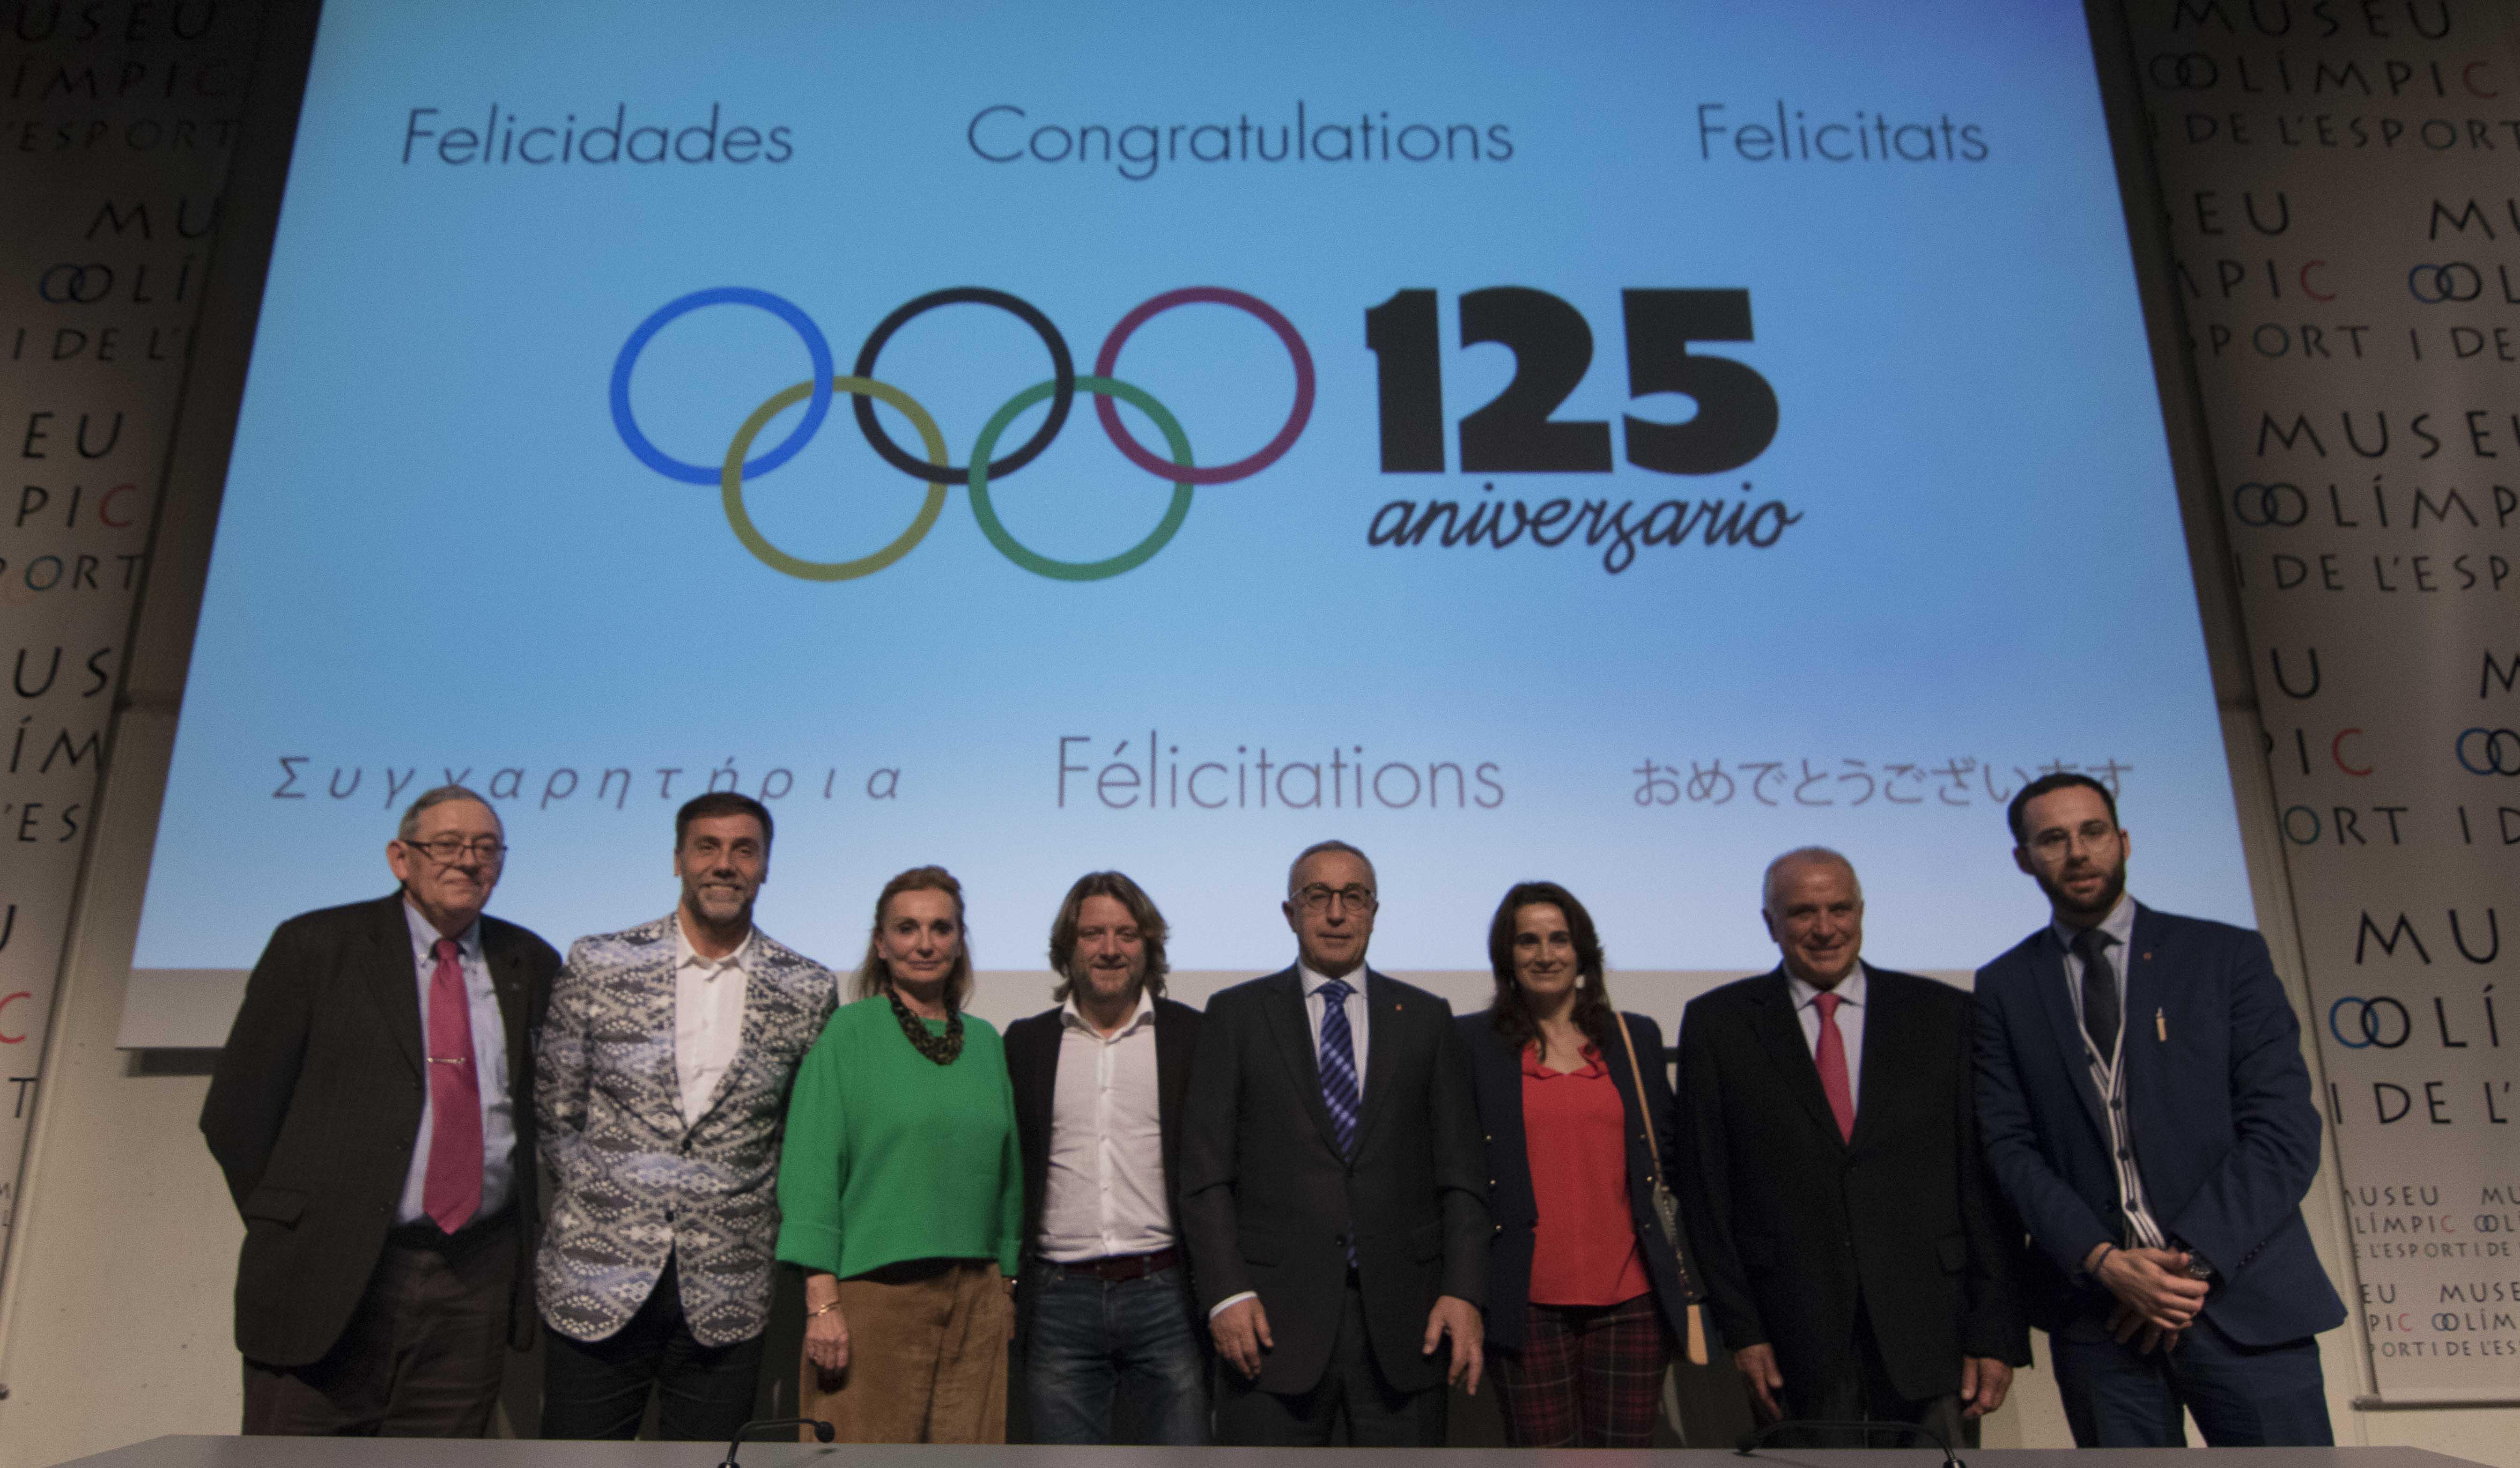 Joan Manuel Surroca - Jordi Sans . Maria Teresa Samaranch - David Escudé - Alejandro Blanco - Isabel Fernández - Leandre Negre - Pere Vilà